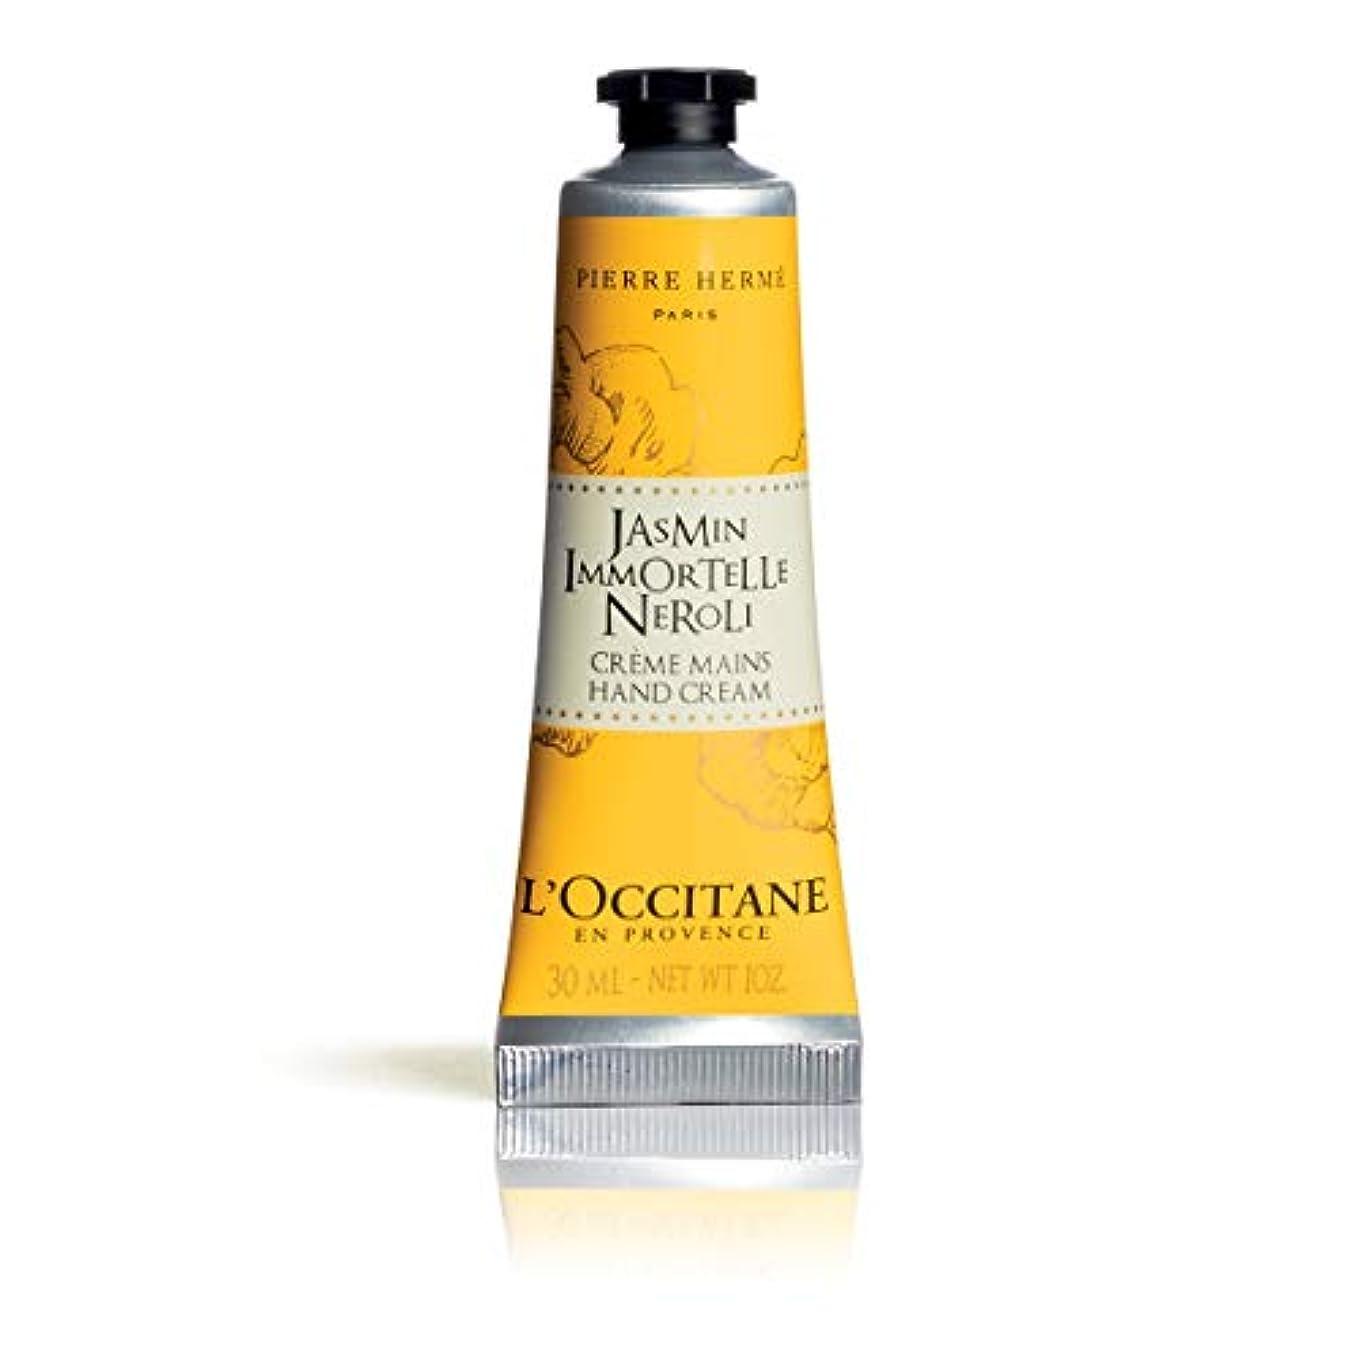 参加する長くするモートロクシタン(L'OCCITANE) ジャスミンイモーテルネロリ ハンドクリーム 30ml